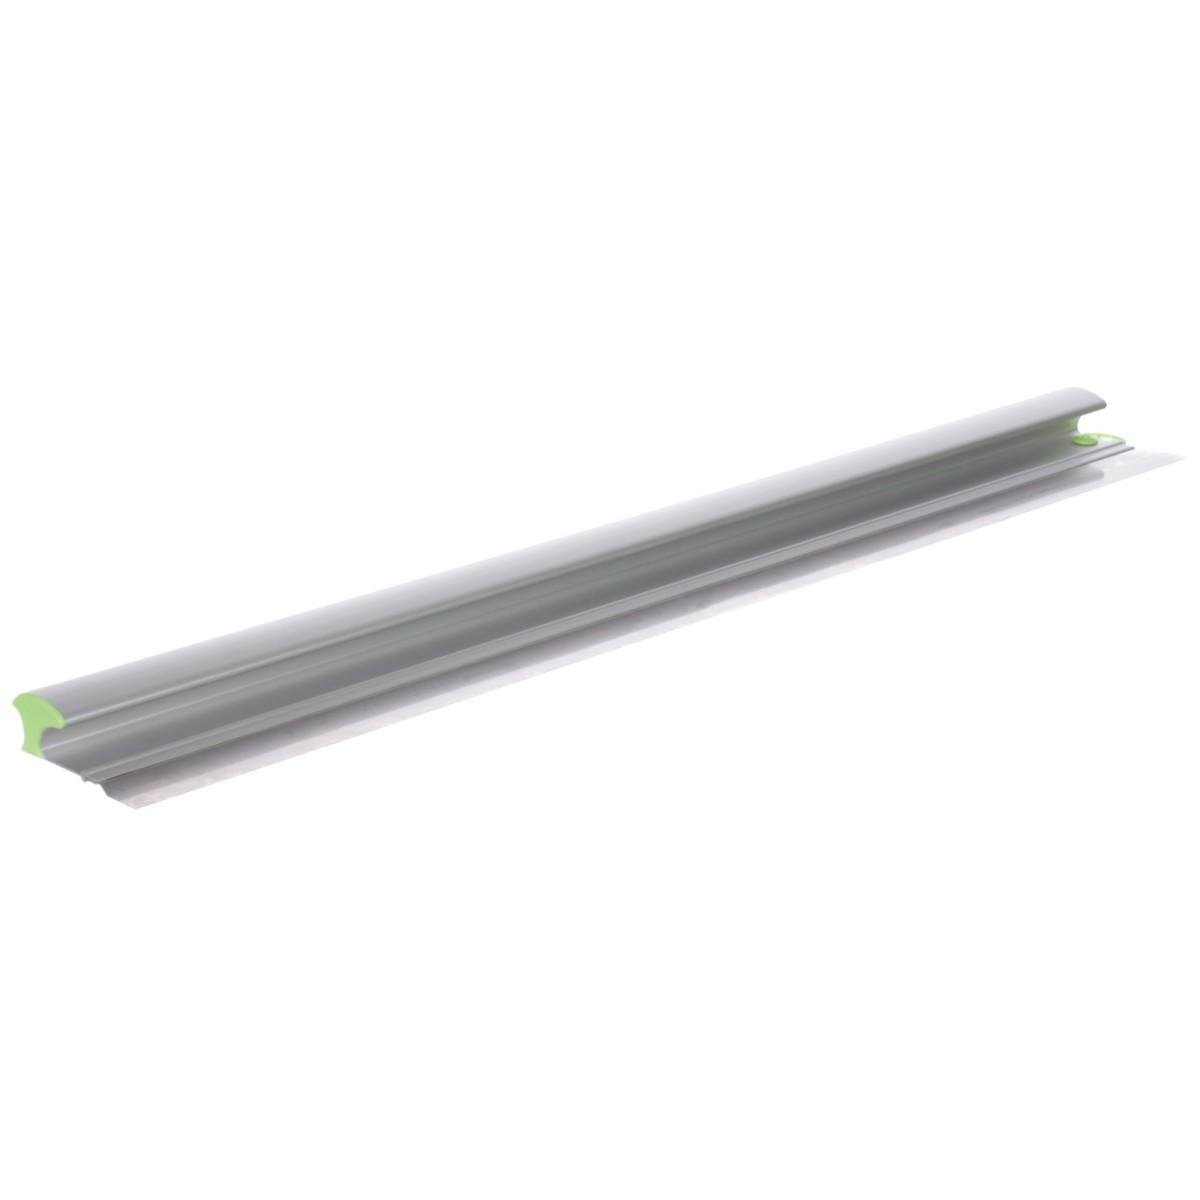 Шпатель-правило 1000 мм нержавеющая сталь